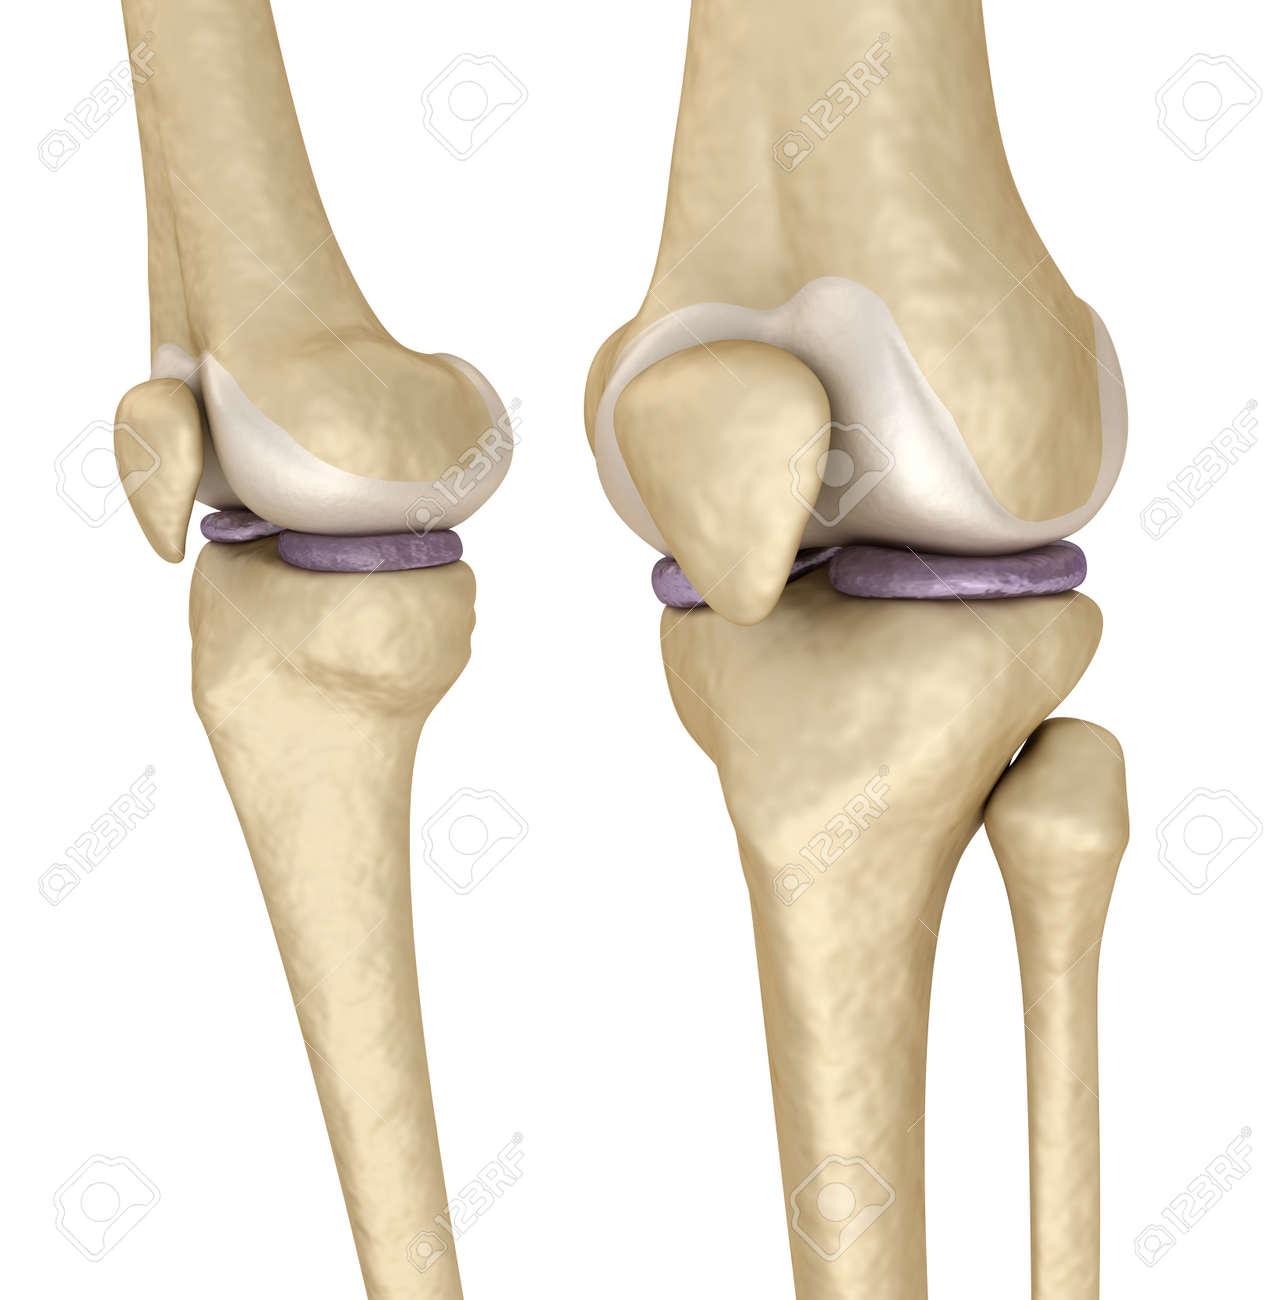 Ungewöhnlich Anatomie Des Hinteren Knie Fotos - Menschliche Anatomie ...